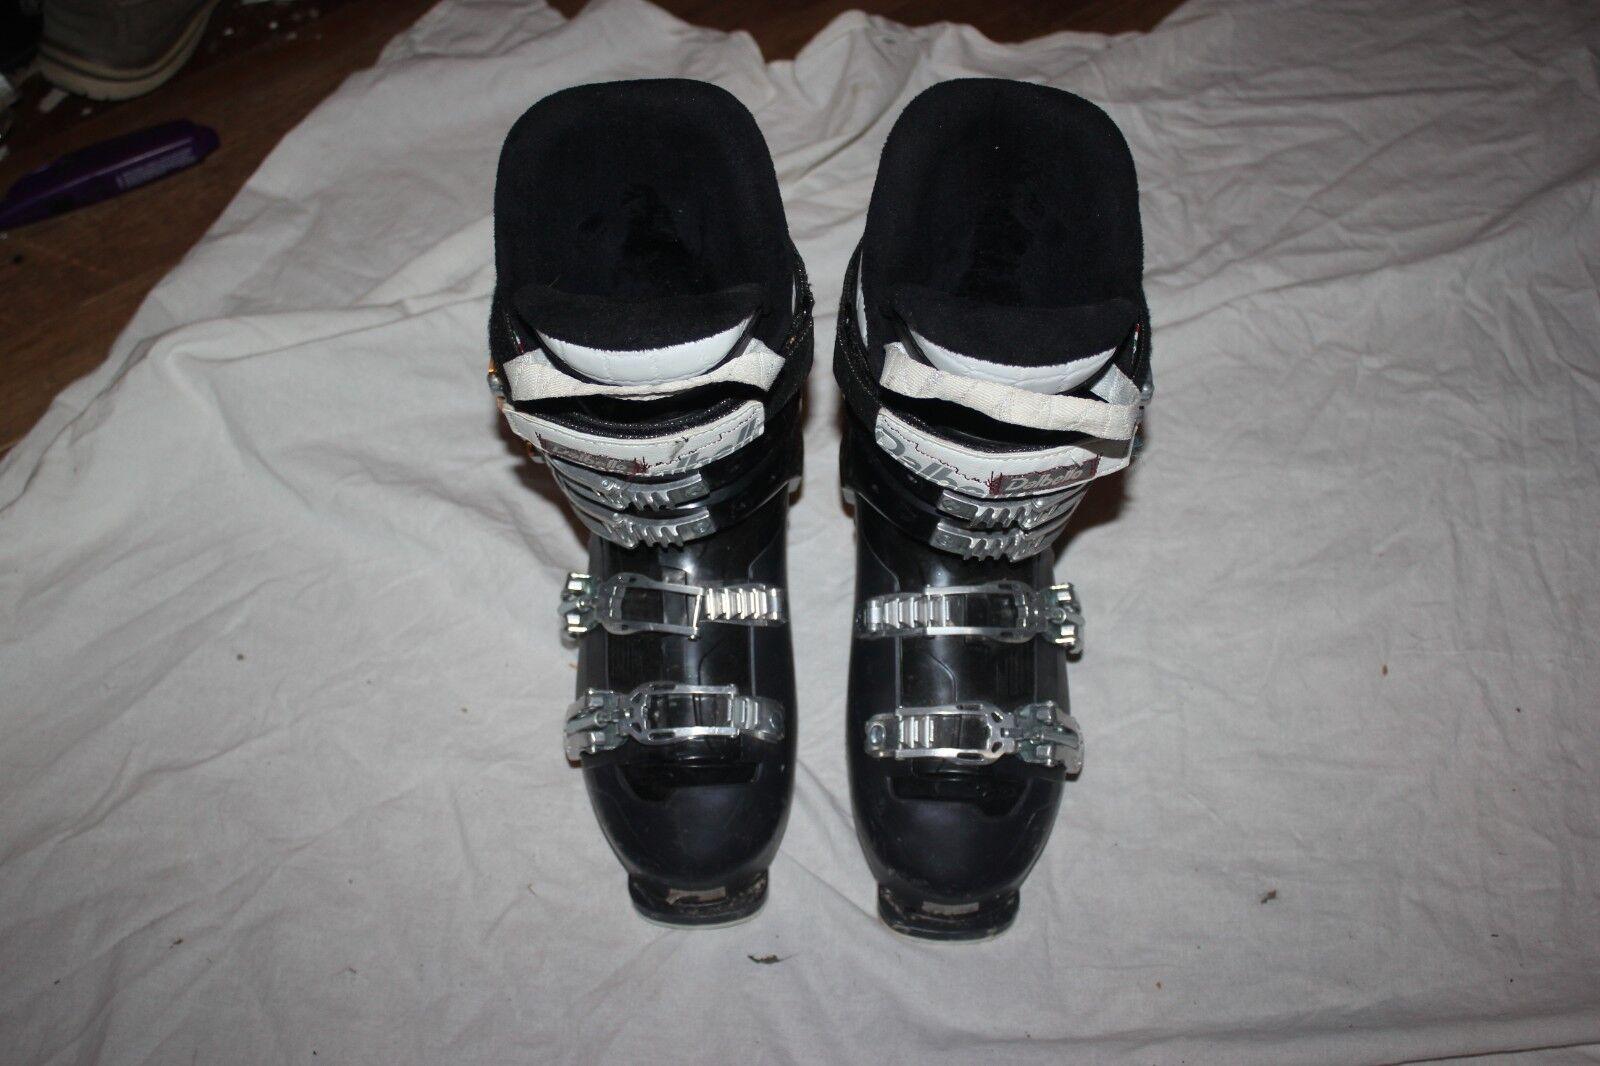 Dalbello Aspire 75  - 26.0 ski boots  70% off